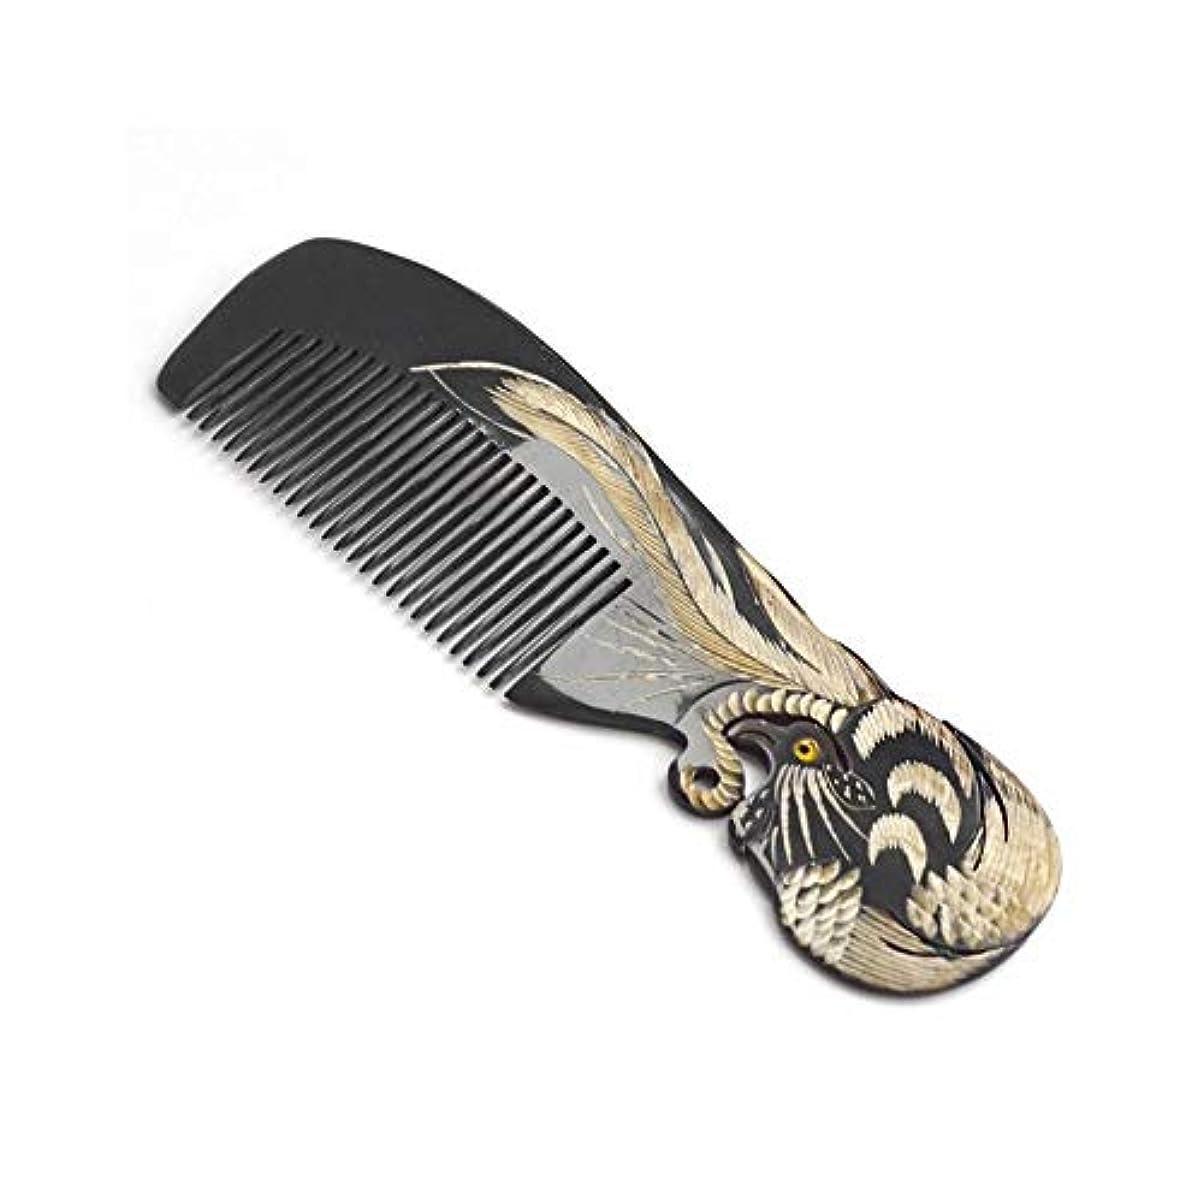 ポゴスティックジャンプ他にオーバーヘッドZYDP 黒髪の櫛の反静的な木の良い歯の櫛 - 天然水牛の角の櫛の孔雀のデザイン (色 : 099B)